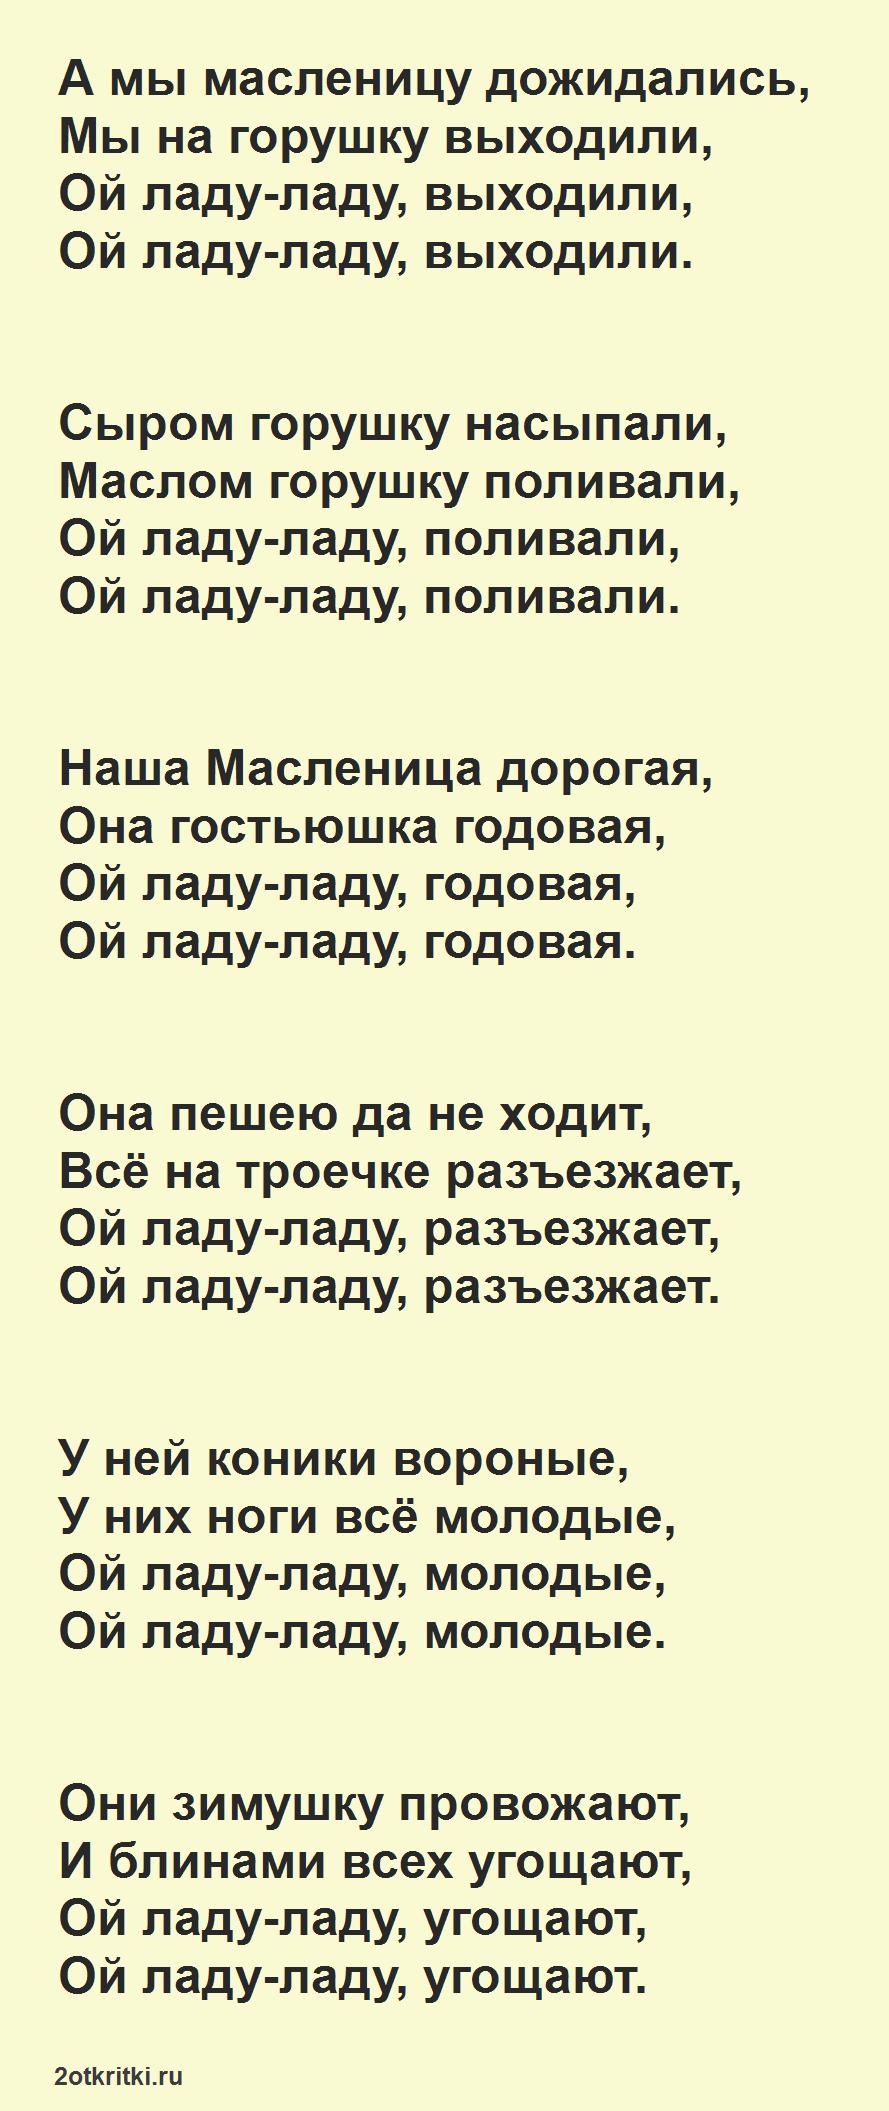 Песня про масленицу - А мы масленицу дождались